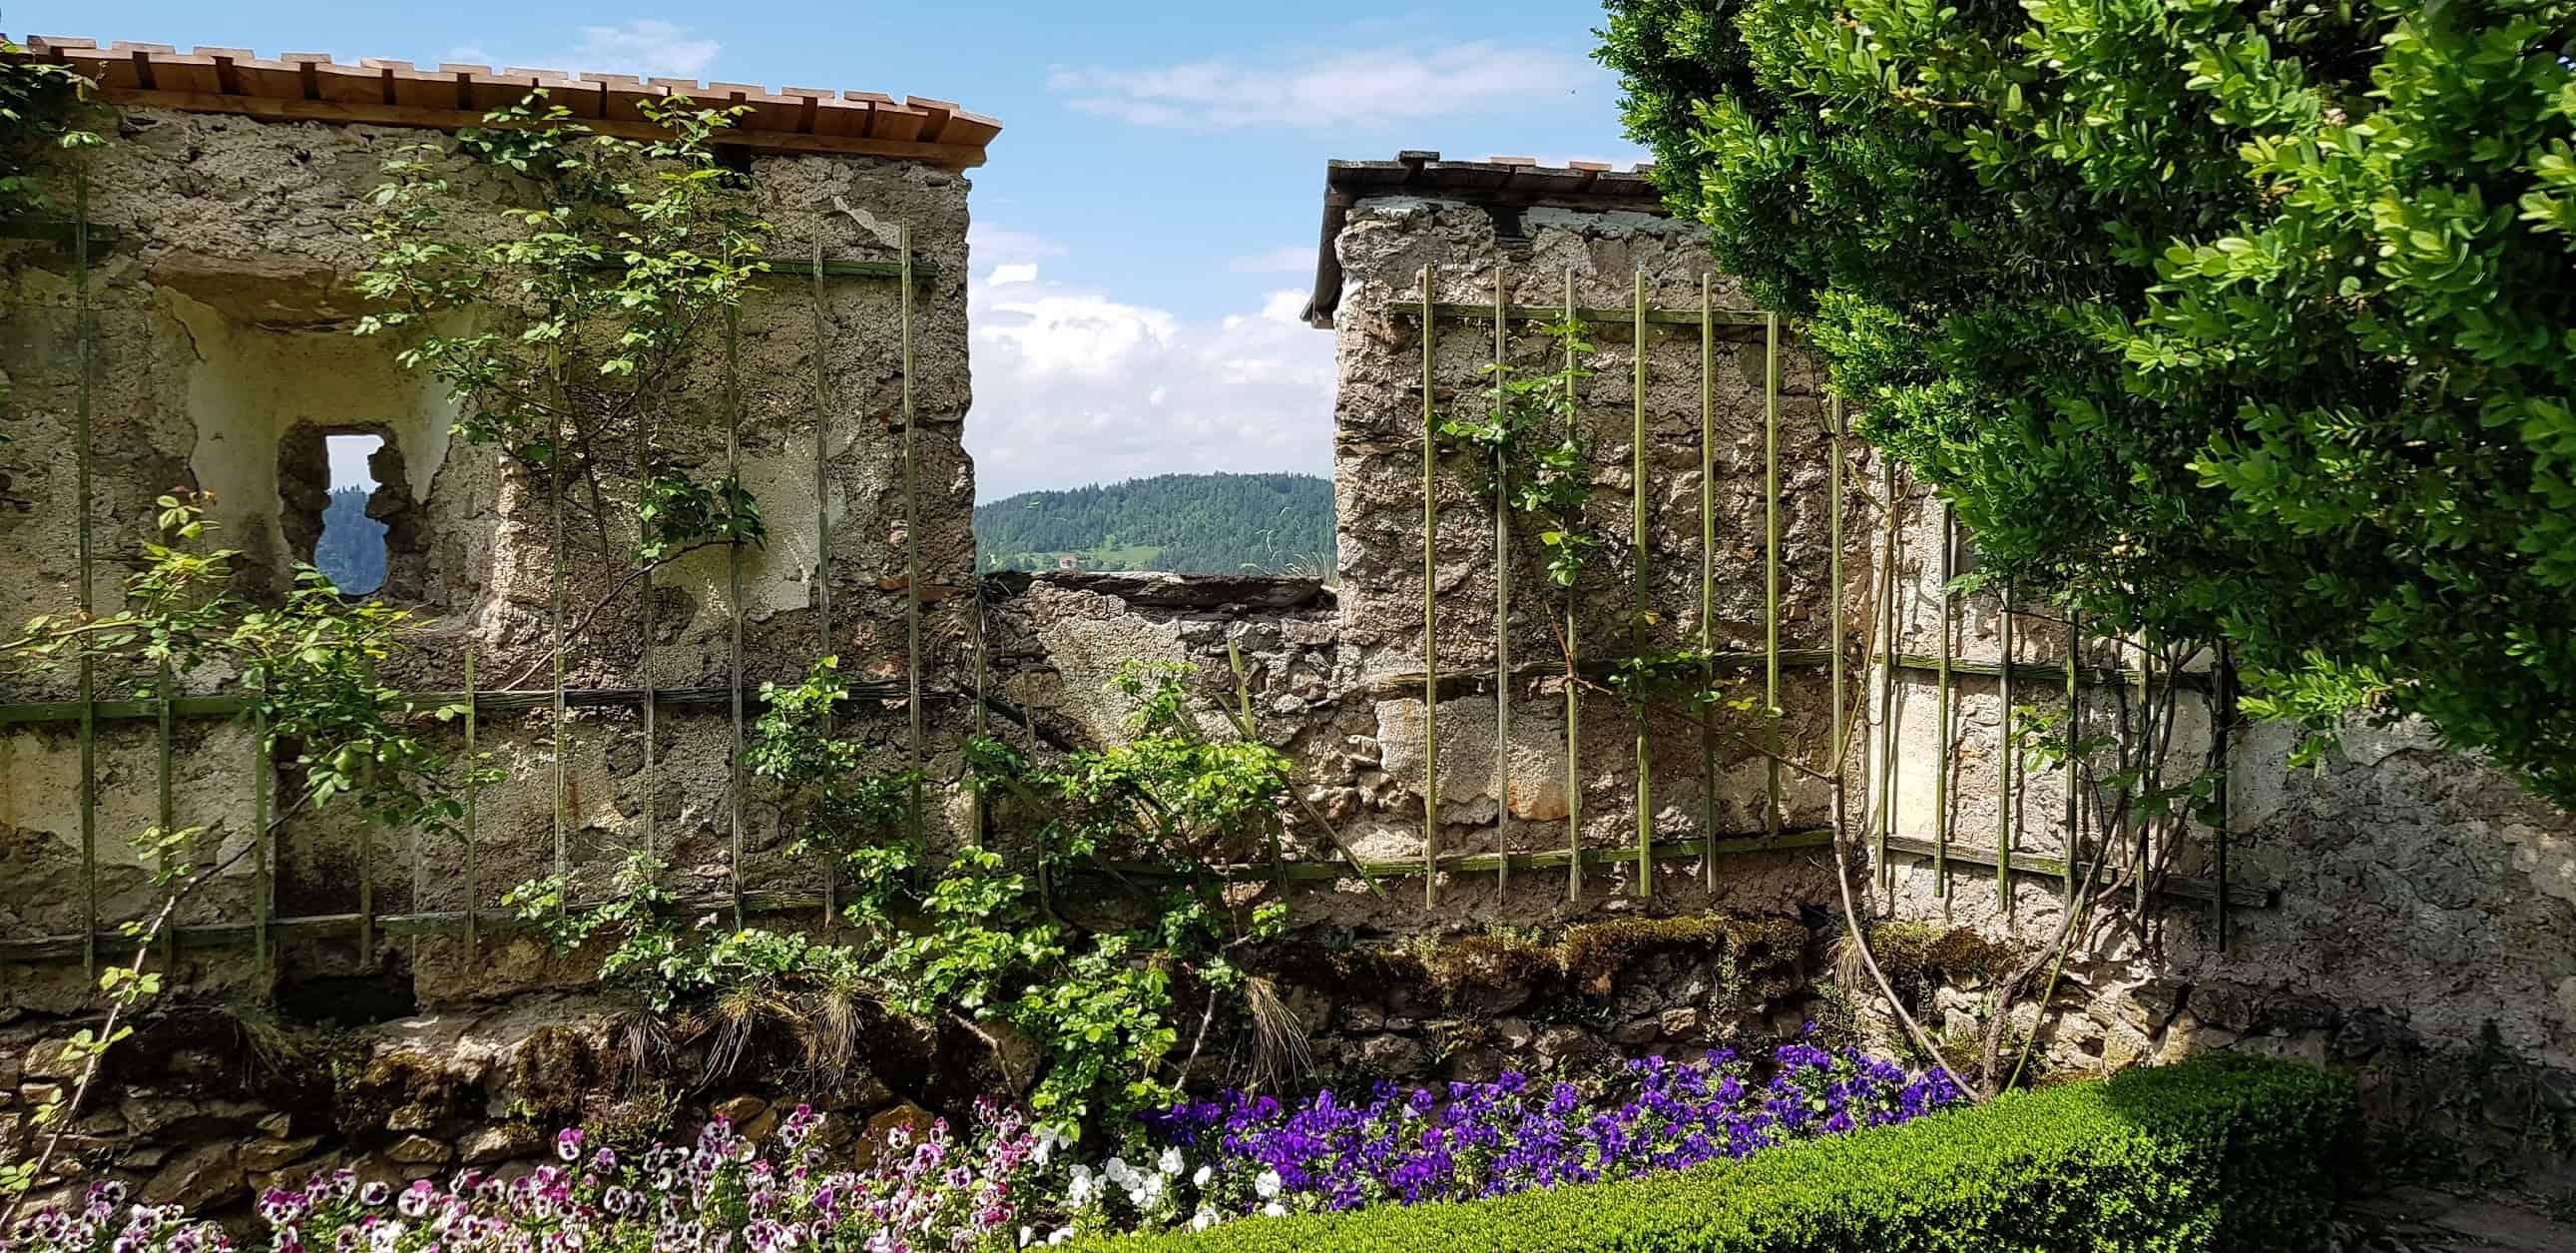 Rosengarten auf der Burg Hochosterwitz in Kärnten - Österreich